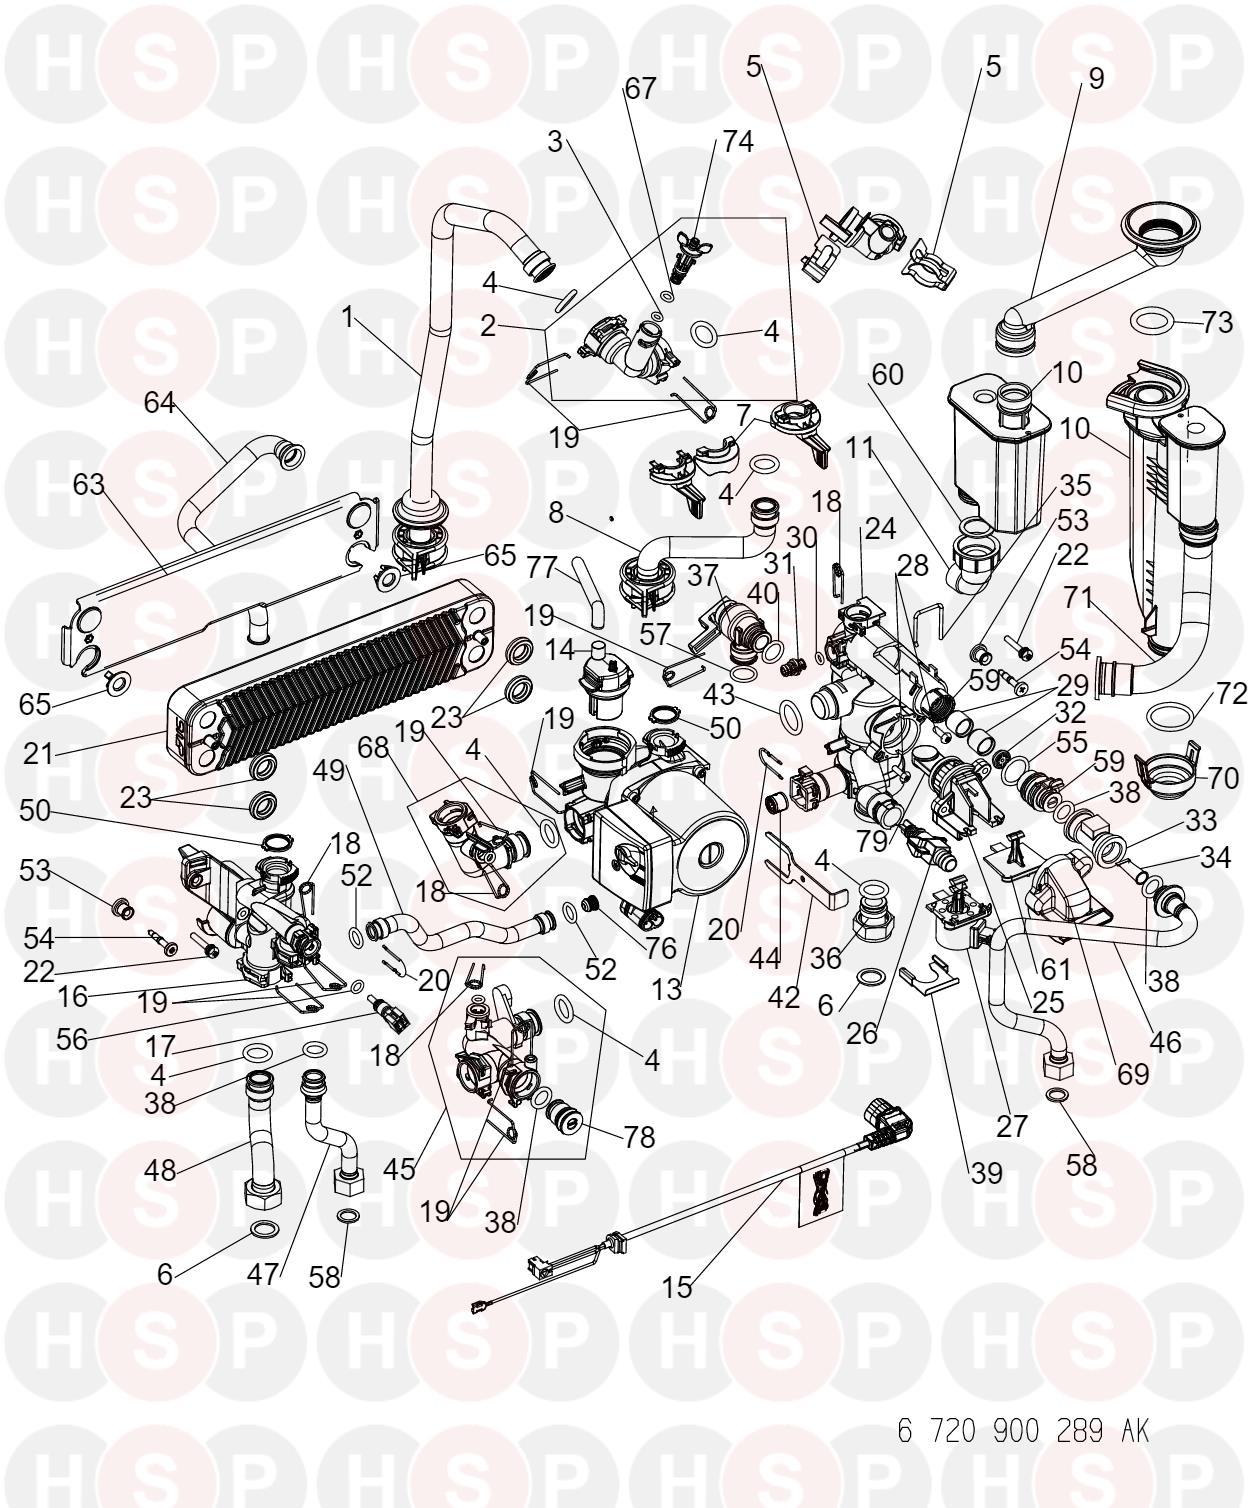 Ford 550 Hydraulic Flow Diagram : Worcester greenstar i junior he hydraulics diagram